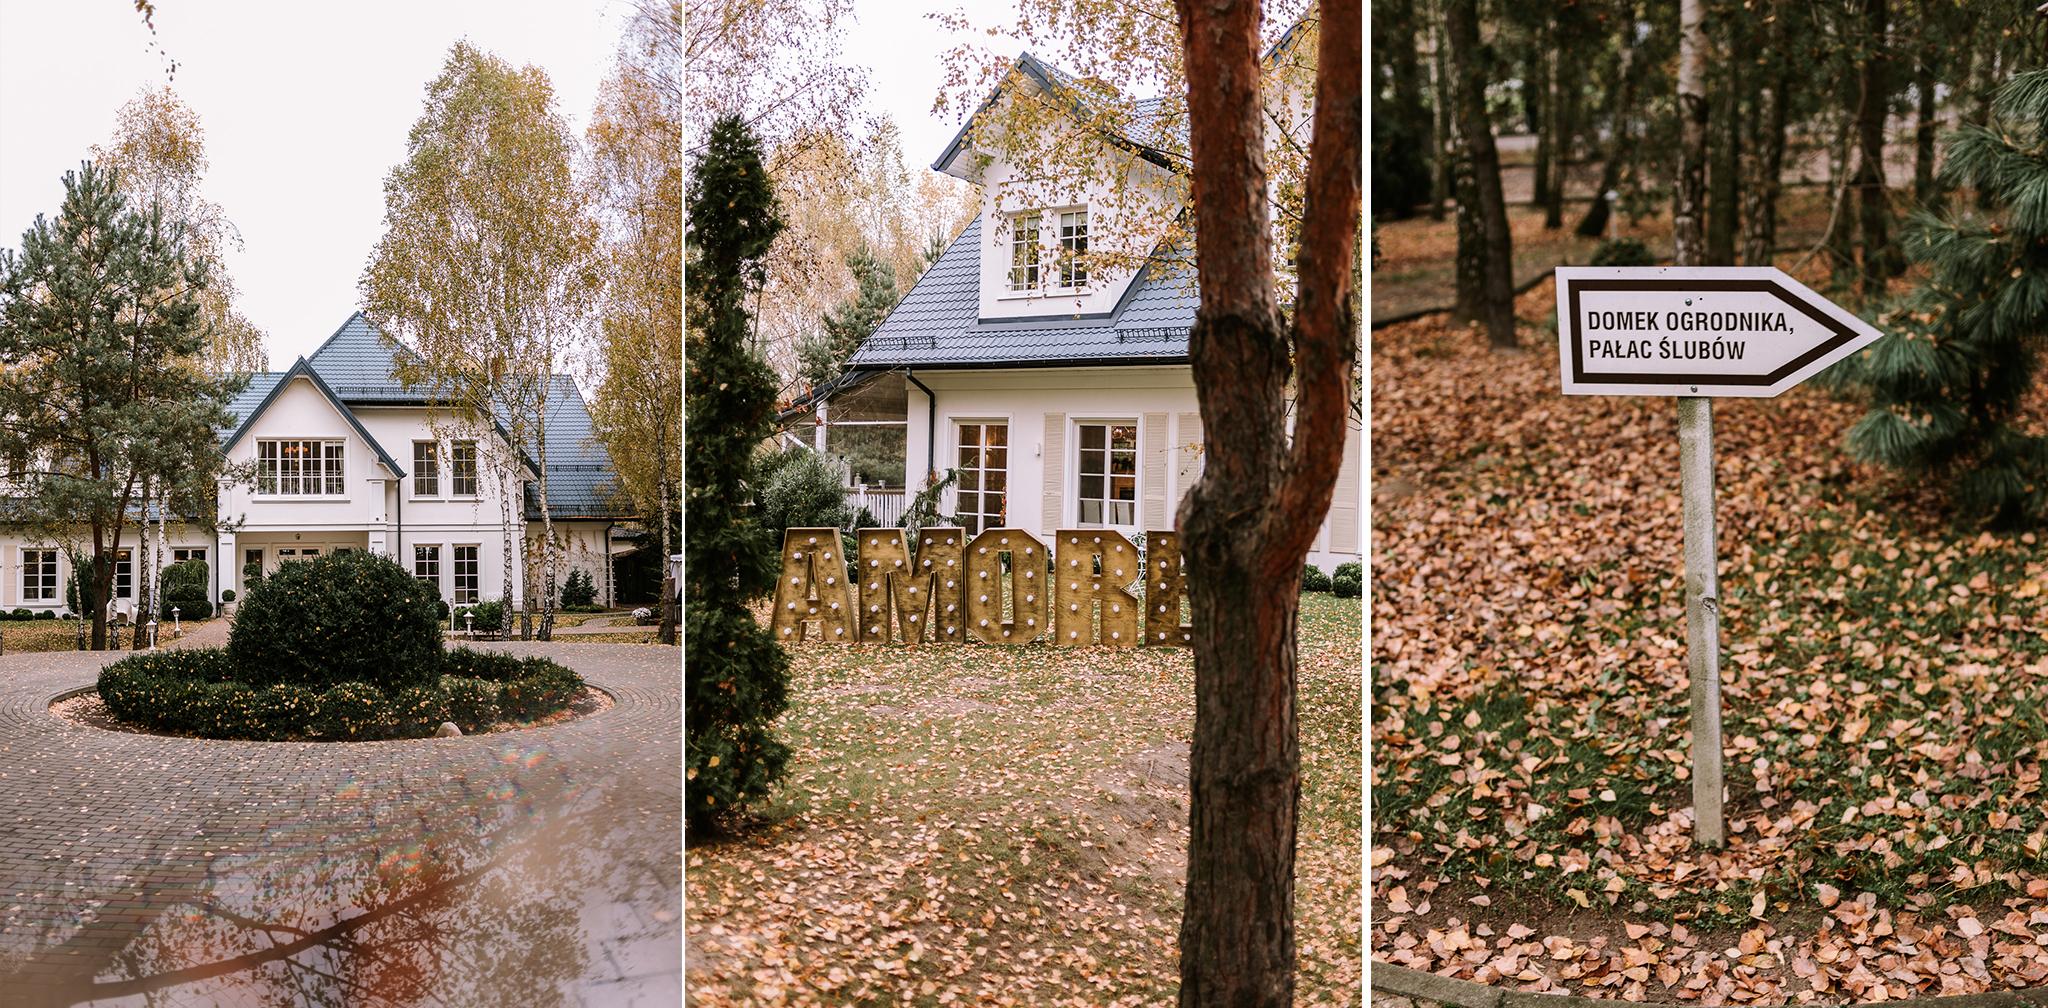 sesja-stylizowana-slubna-slub-jesienny-olala-fotografia-fotograf-slubny-warszawa-grodzisk-mazowiecki-milanowek-podkowa-lesna-zakroczym-zlotopolska-dolina-trebki-nowe-mietowe-wzgorza